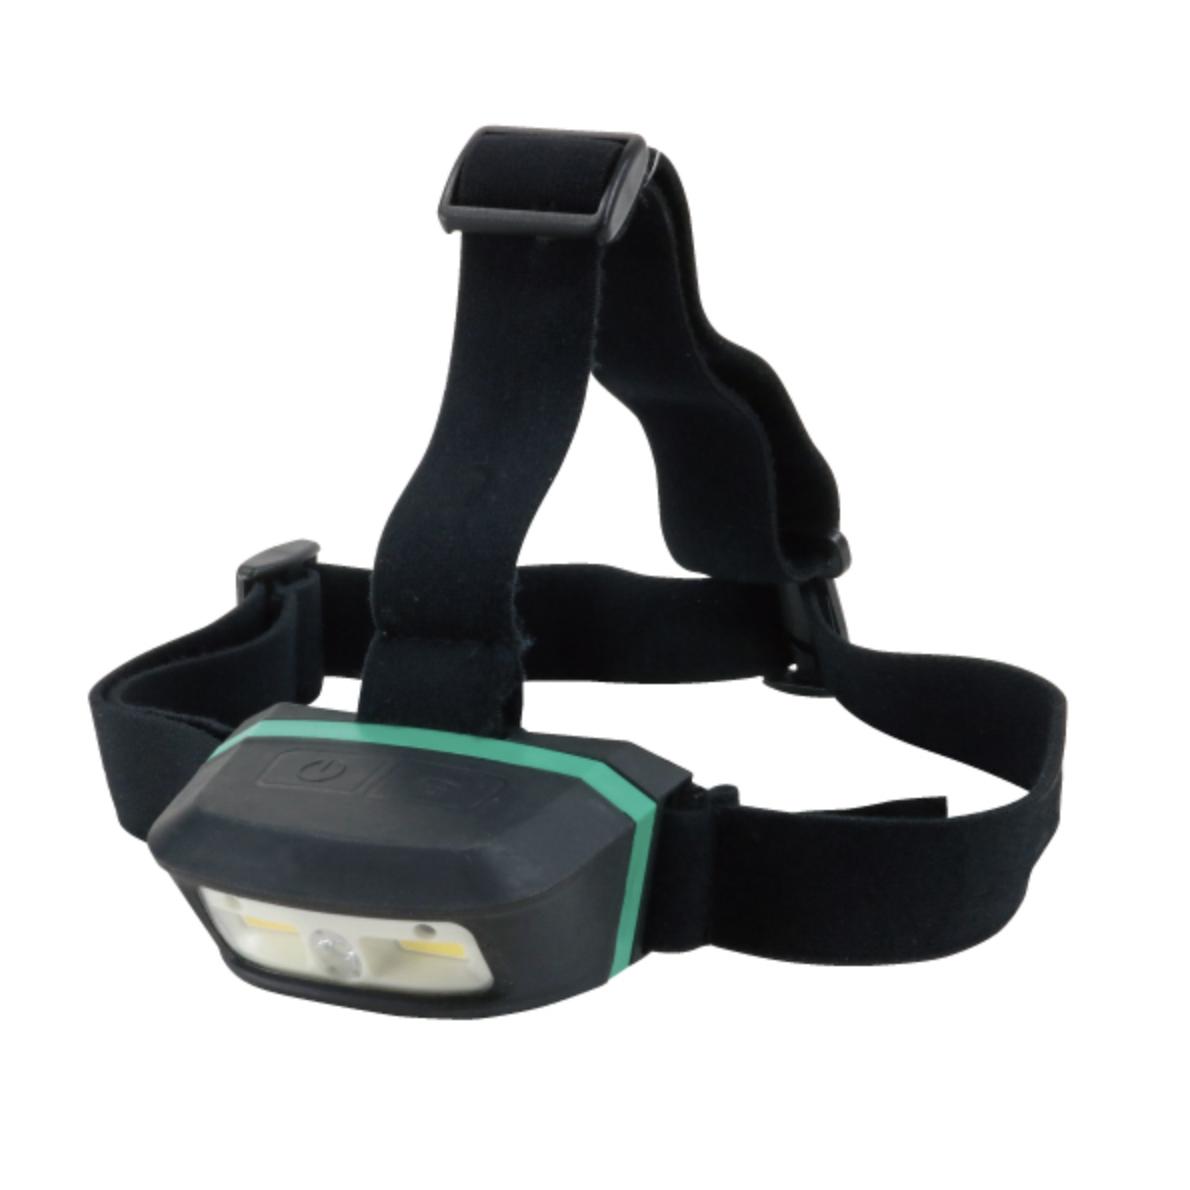 【ジェフコム】タッチレスセンサー付で汚れた手や手袋のままオン・オフ可能『LEDパランドルRX(充電式・ヘッドライトタイプ)』の画像